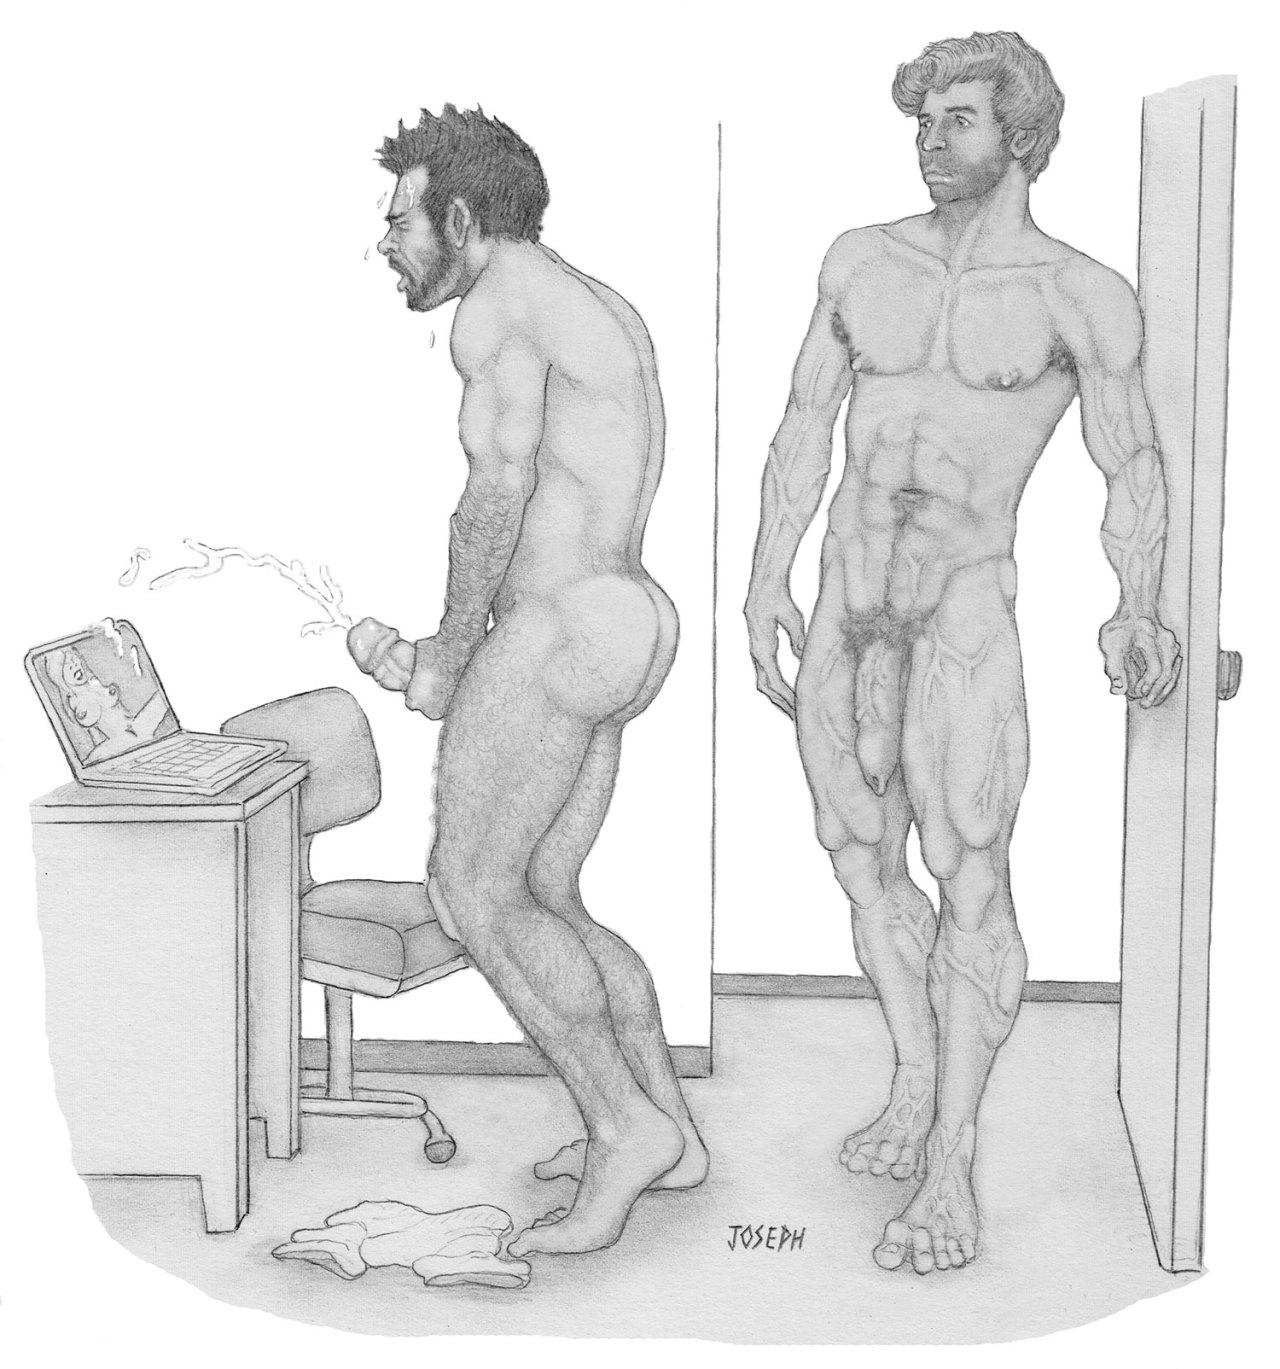 gay hot daddy dude men porn erotic art